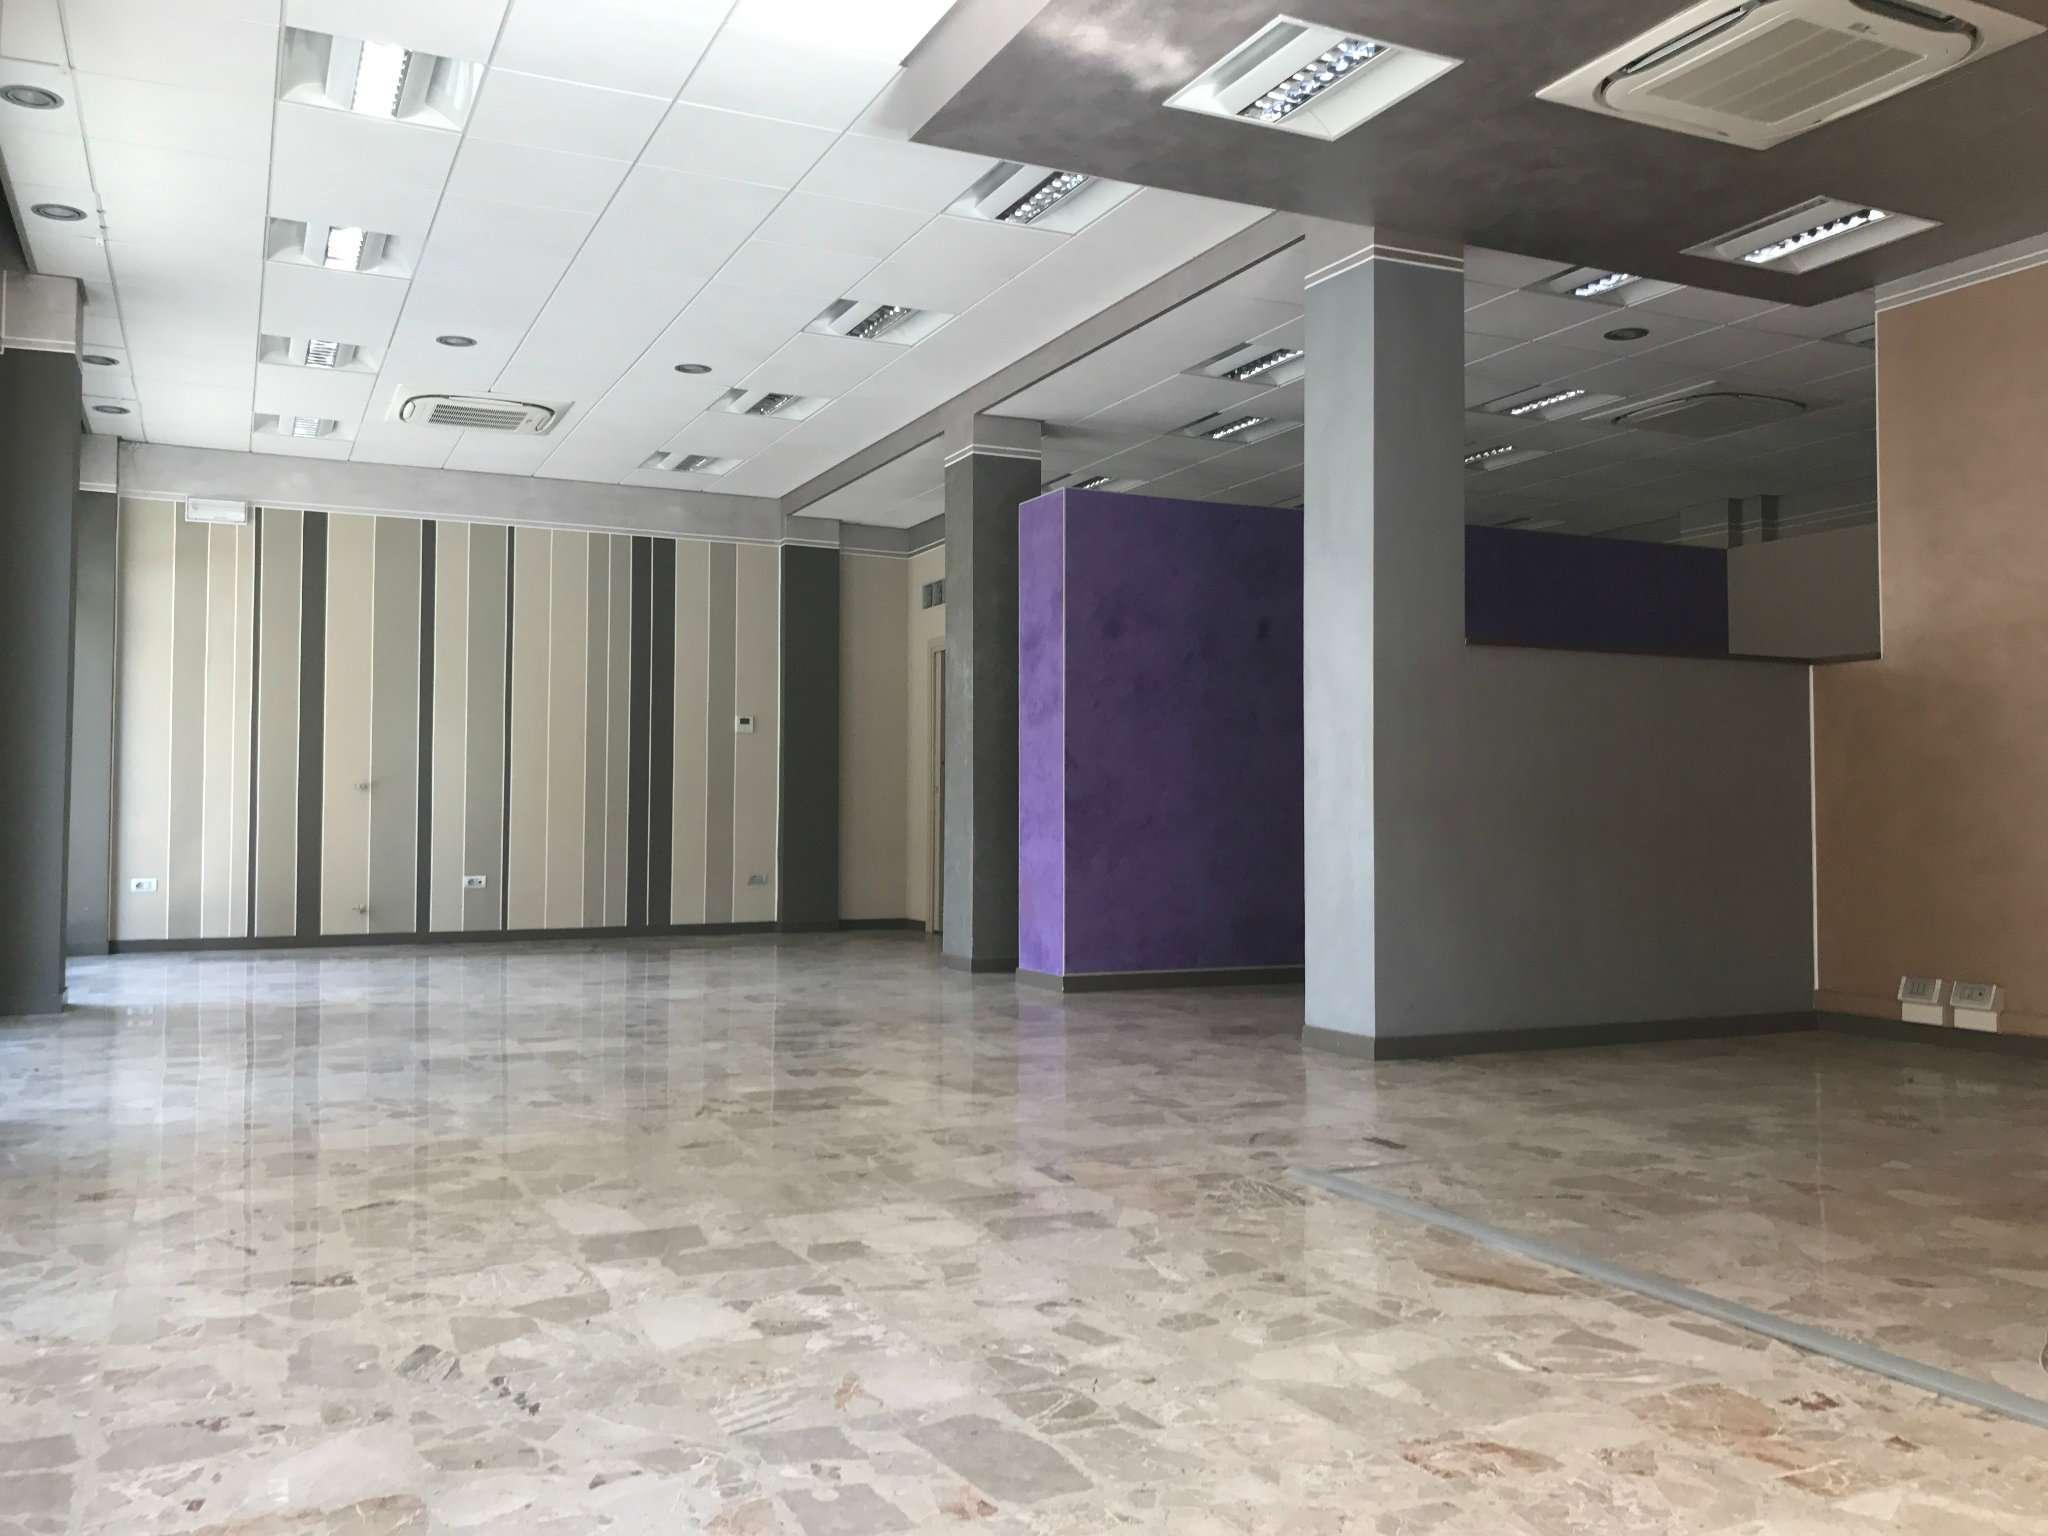 Negozio / Locale in vendita a Alba, 1 locali, prezzo € 275.000 | CambioCasa.it